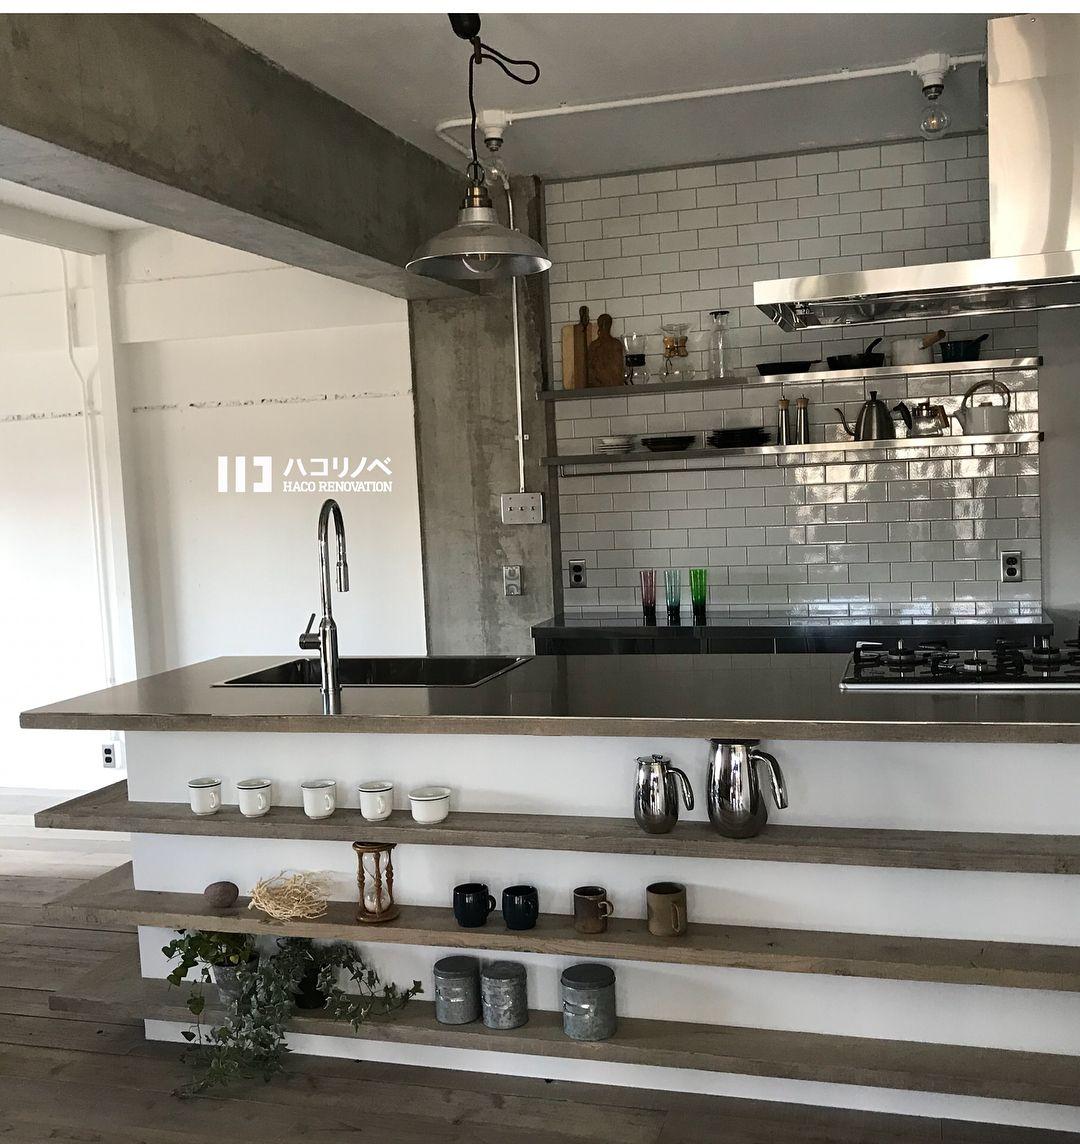 2018 01 30 フラット対面の造作キッチン シンク コンロ前に壁がない